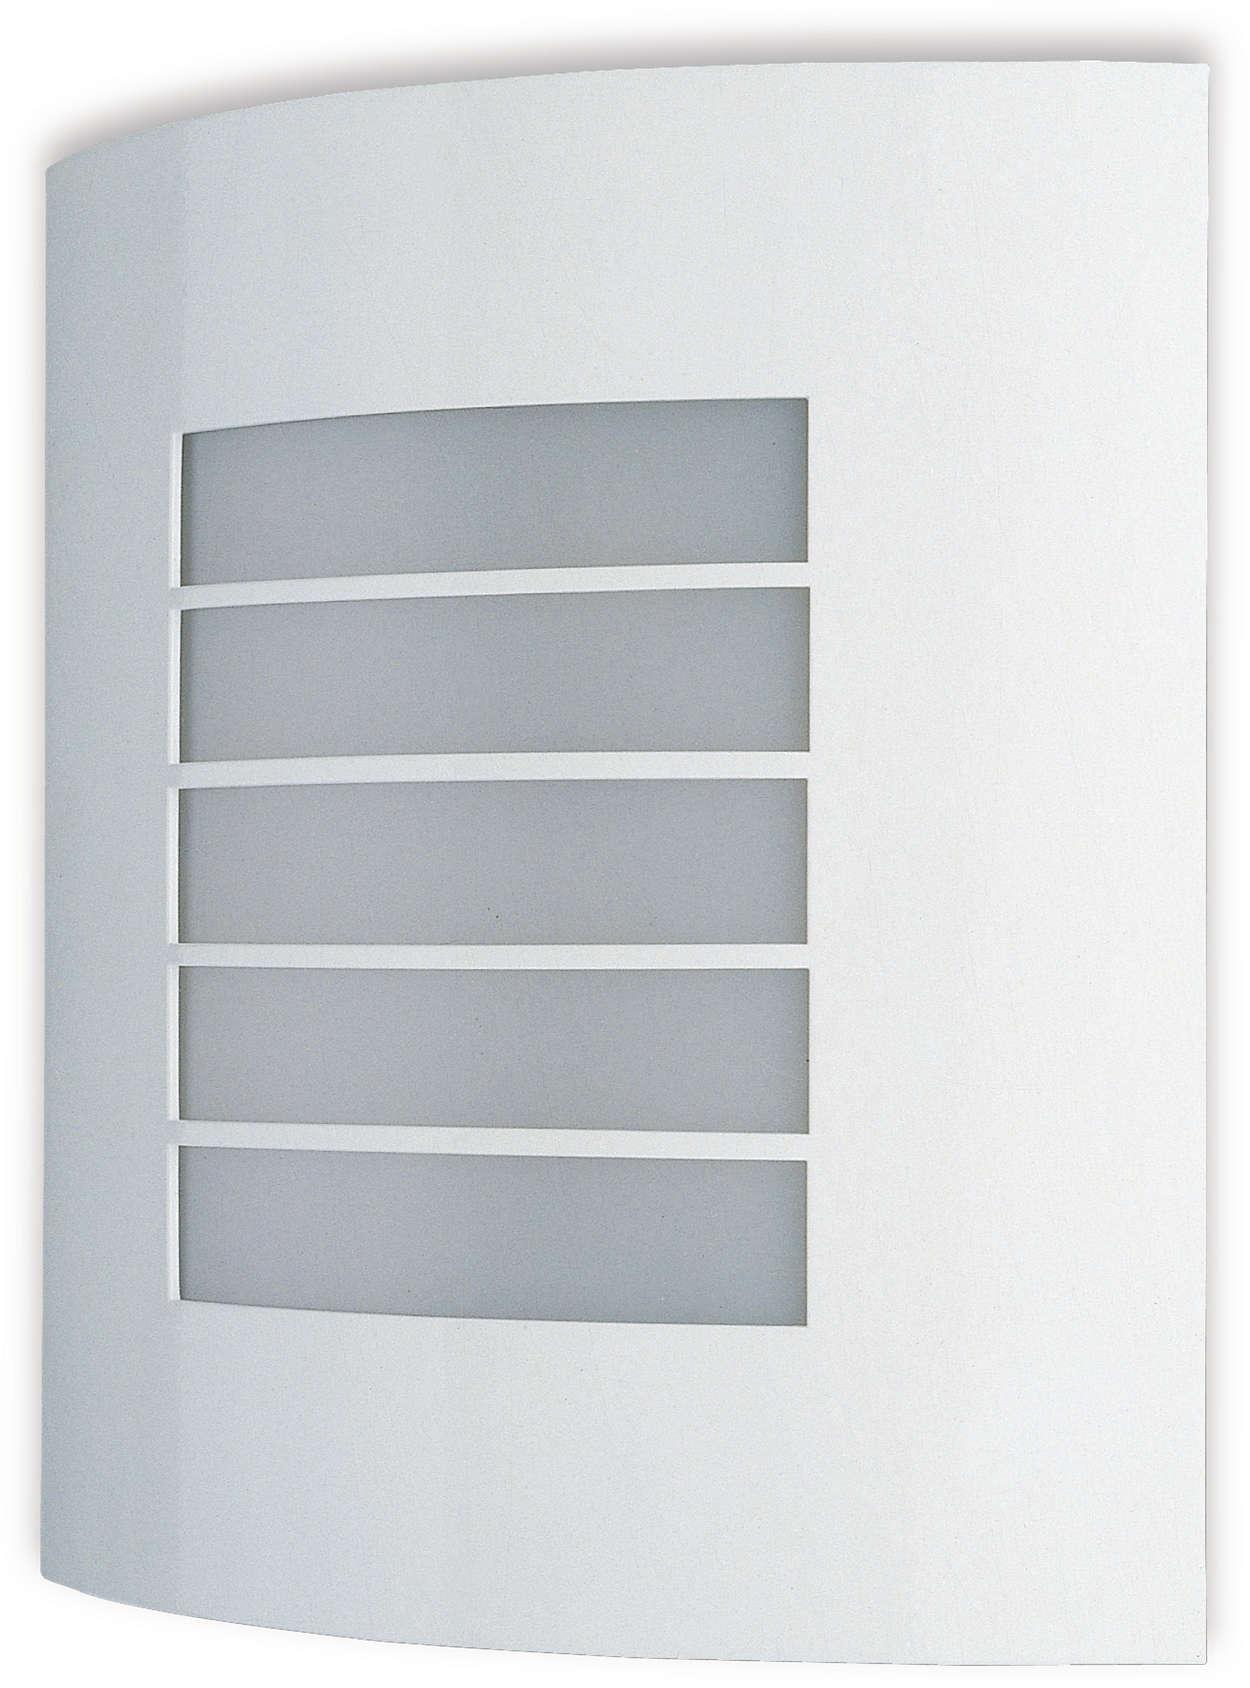 節省能源的環境功能